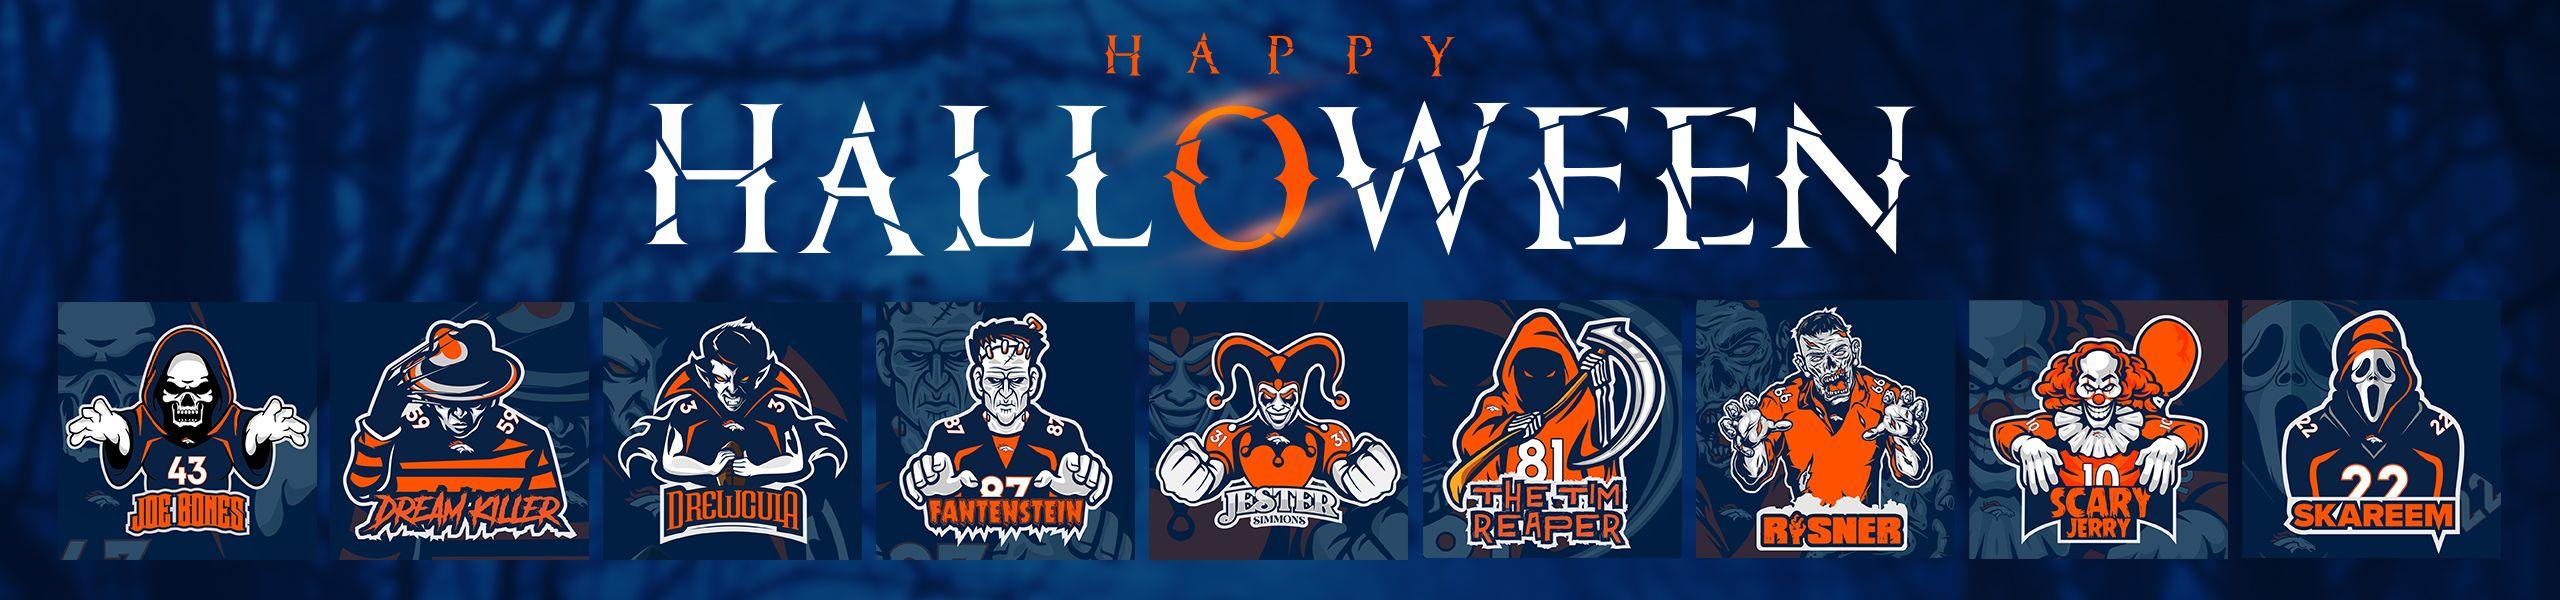 halloween_wallpapers_hero_2560x600